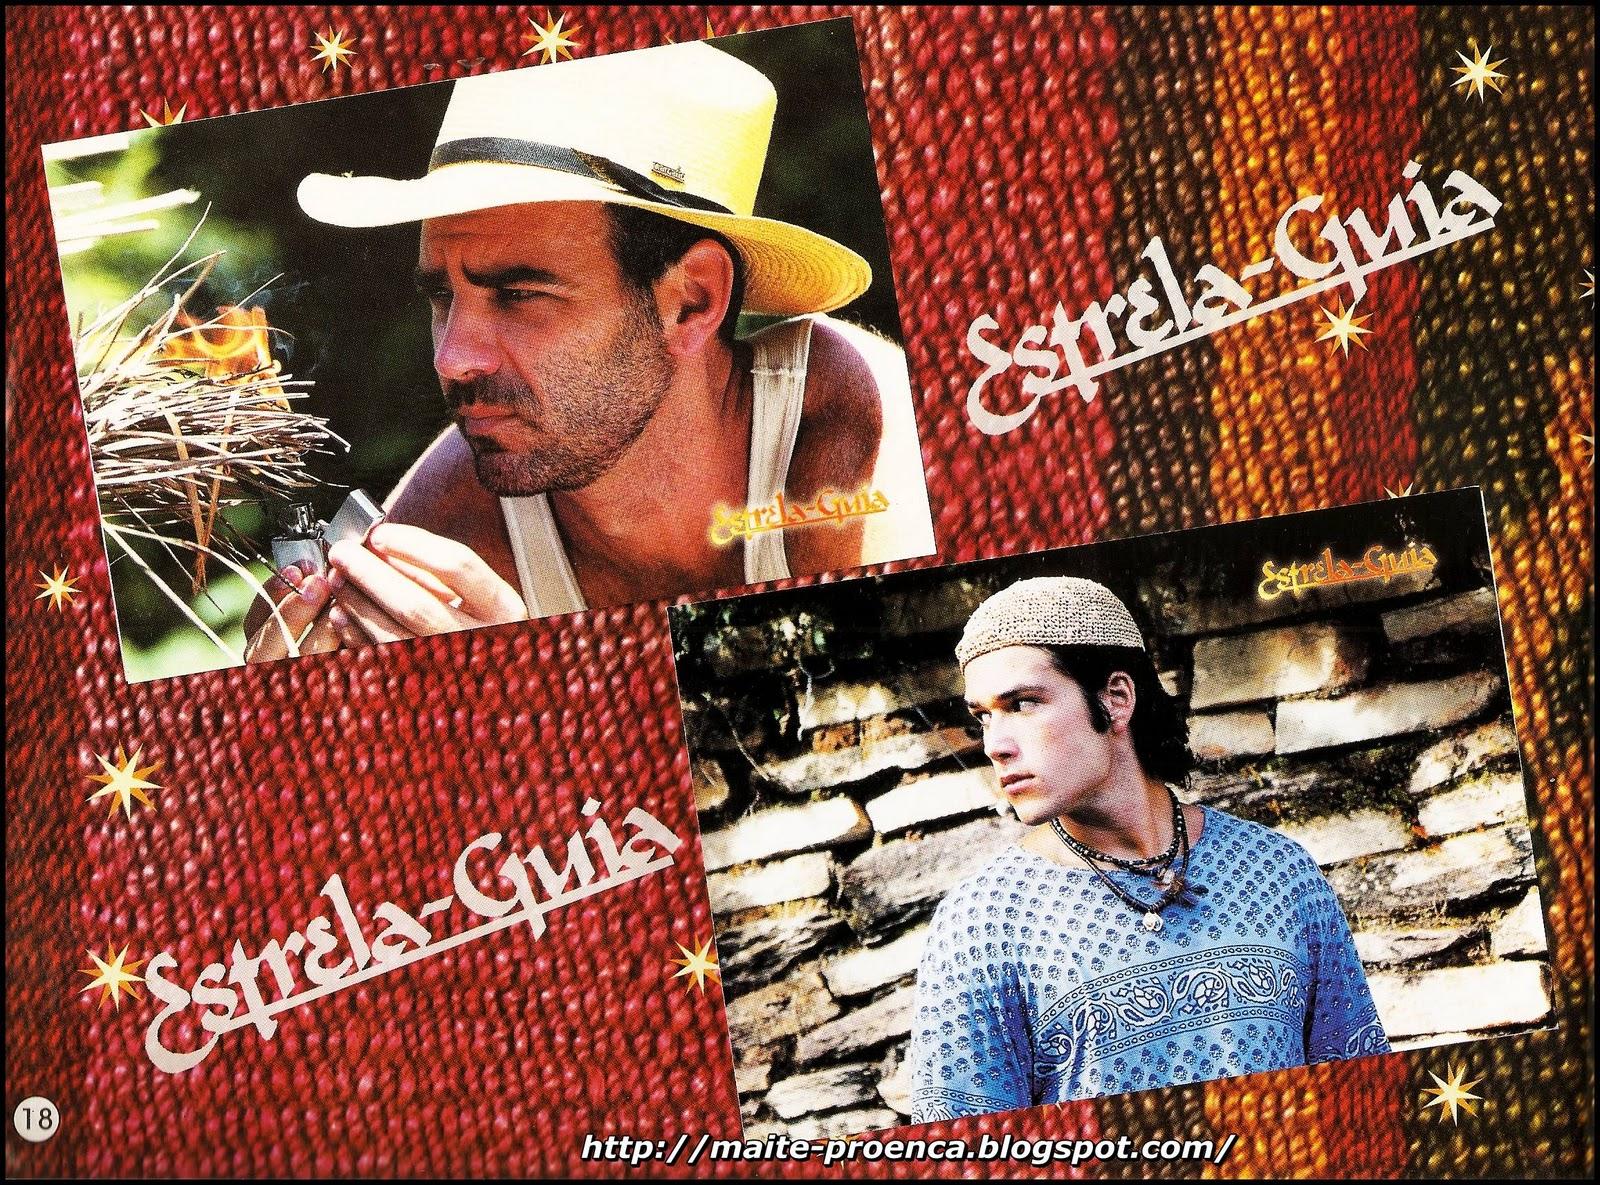 691+2001+Estrela+Guia+Album+(17).jpg